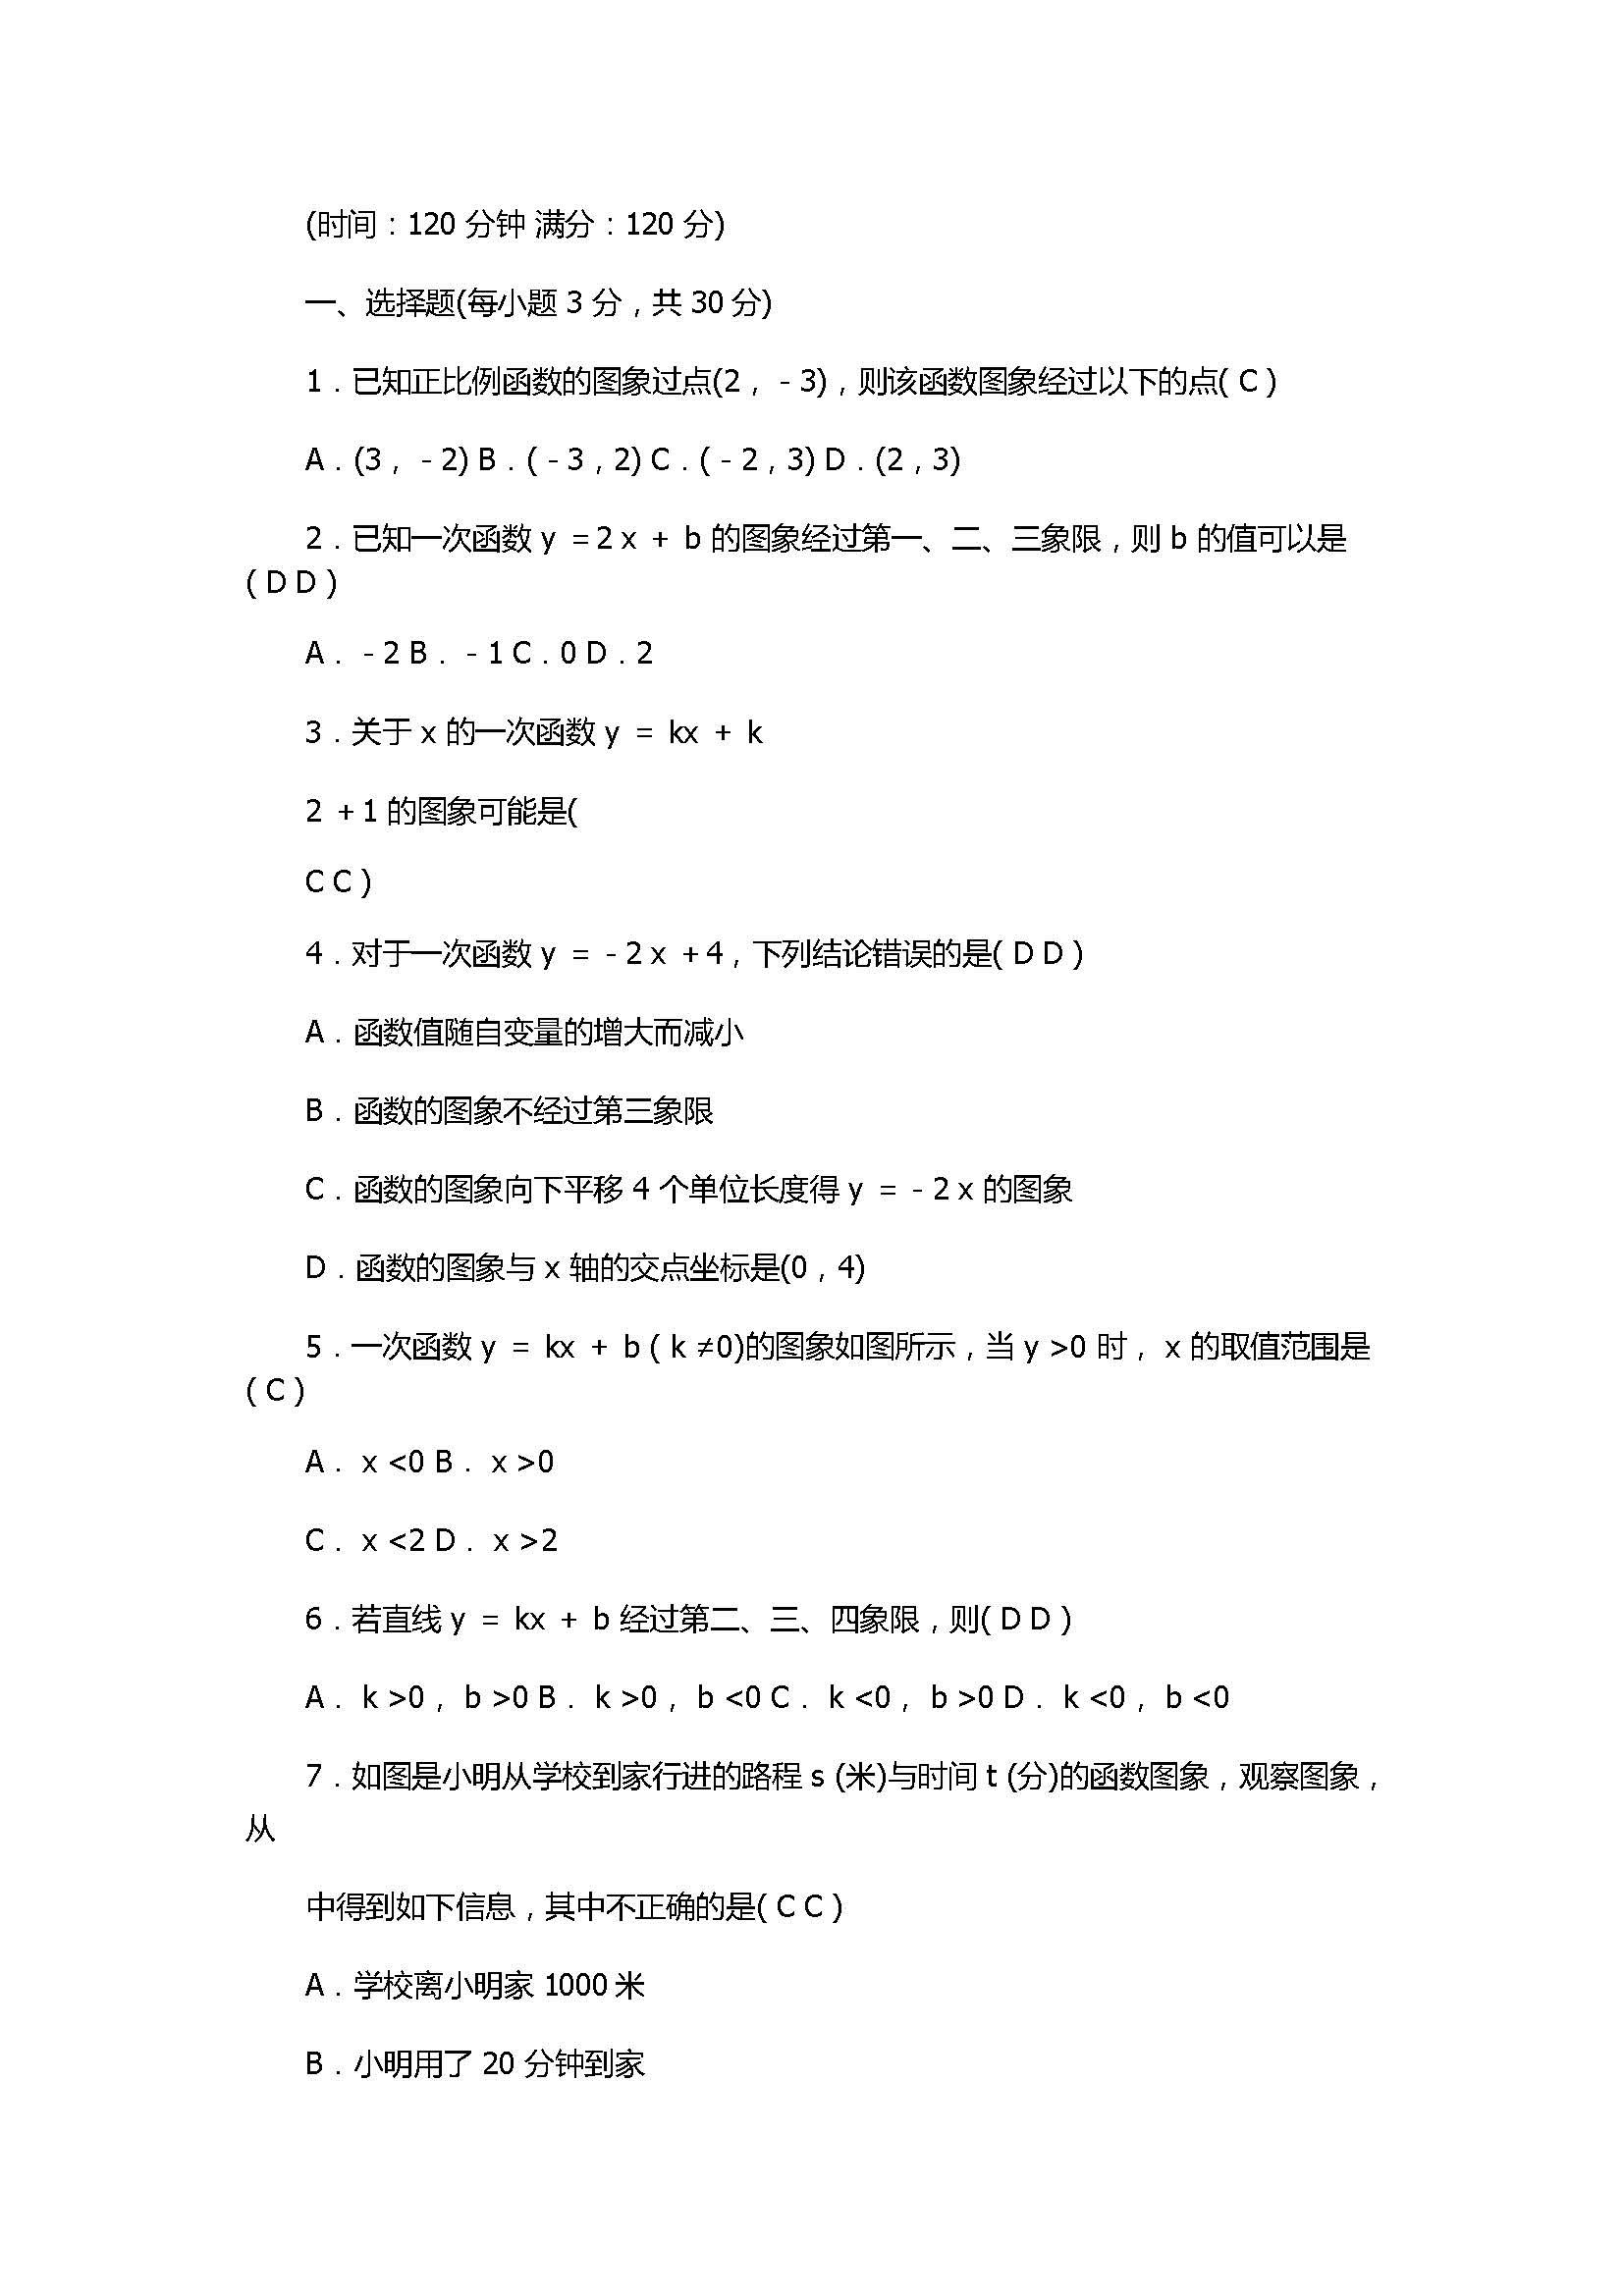 2017八年级上册数学第4章单元检测题附答案(北师大版)